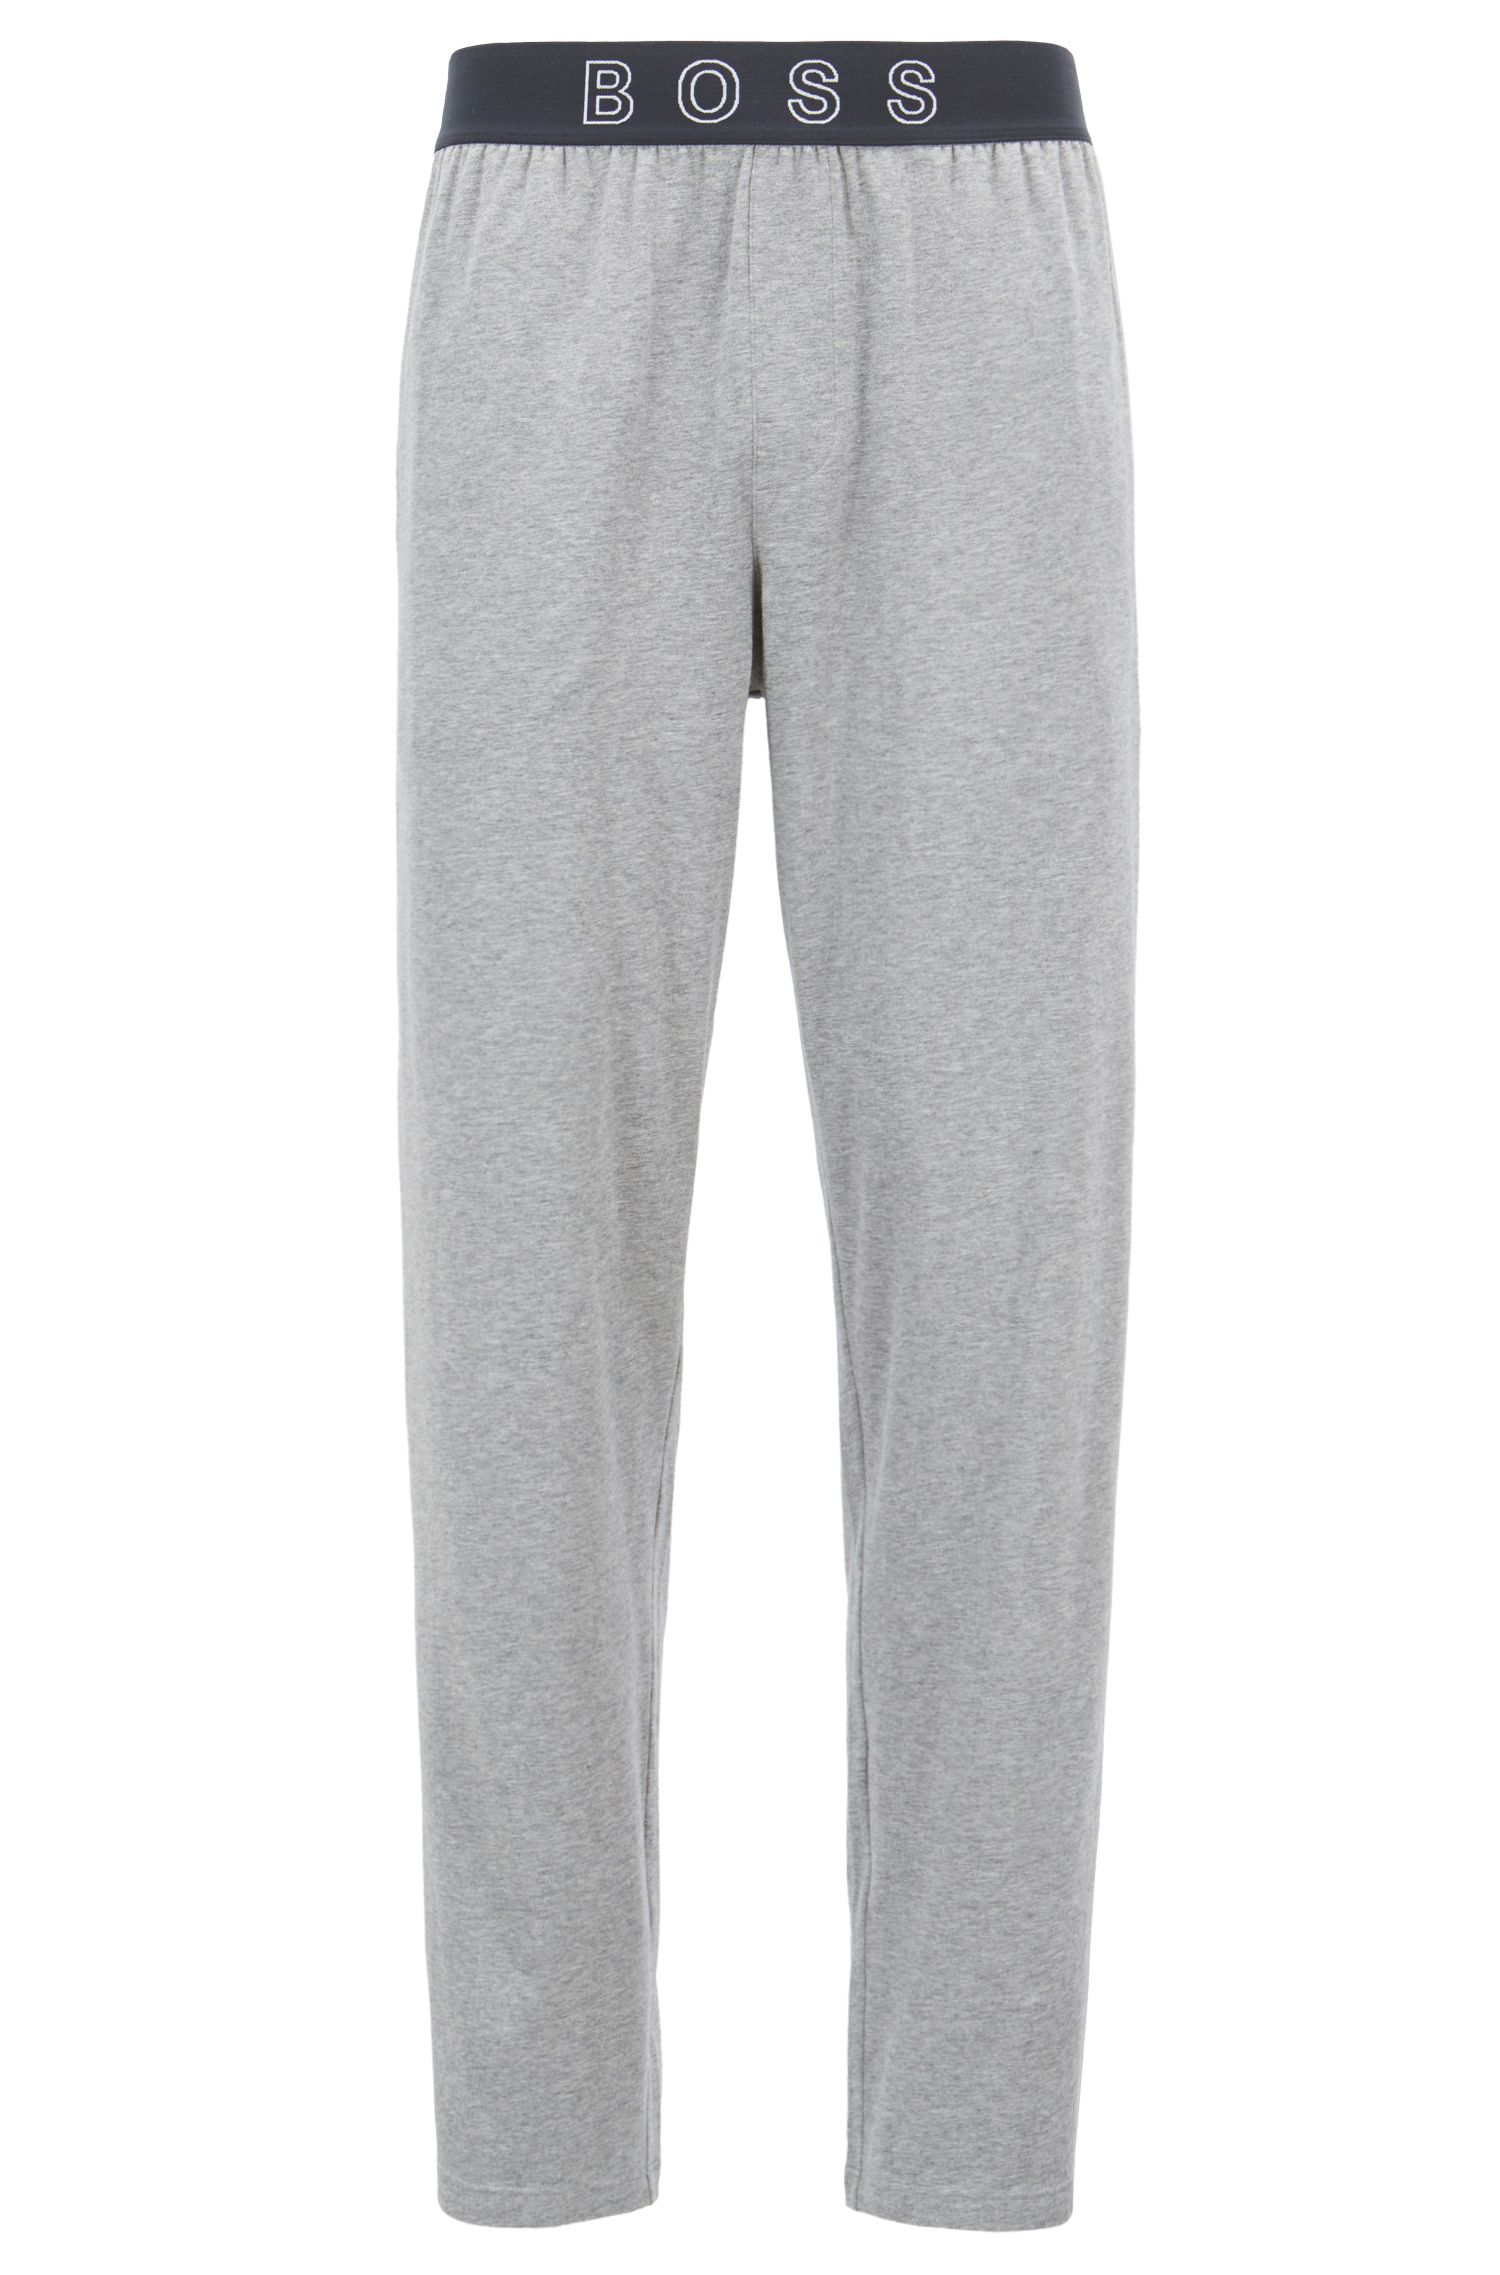 Pyjama-Hose aus Stretch-Baumwolle mit Logo-Bund, Grau